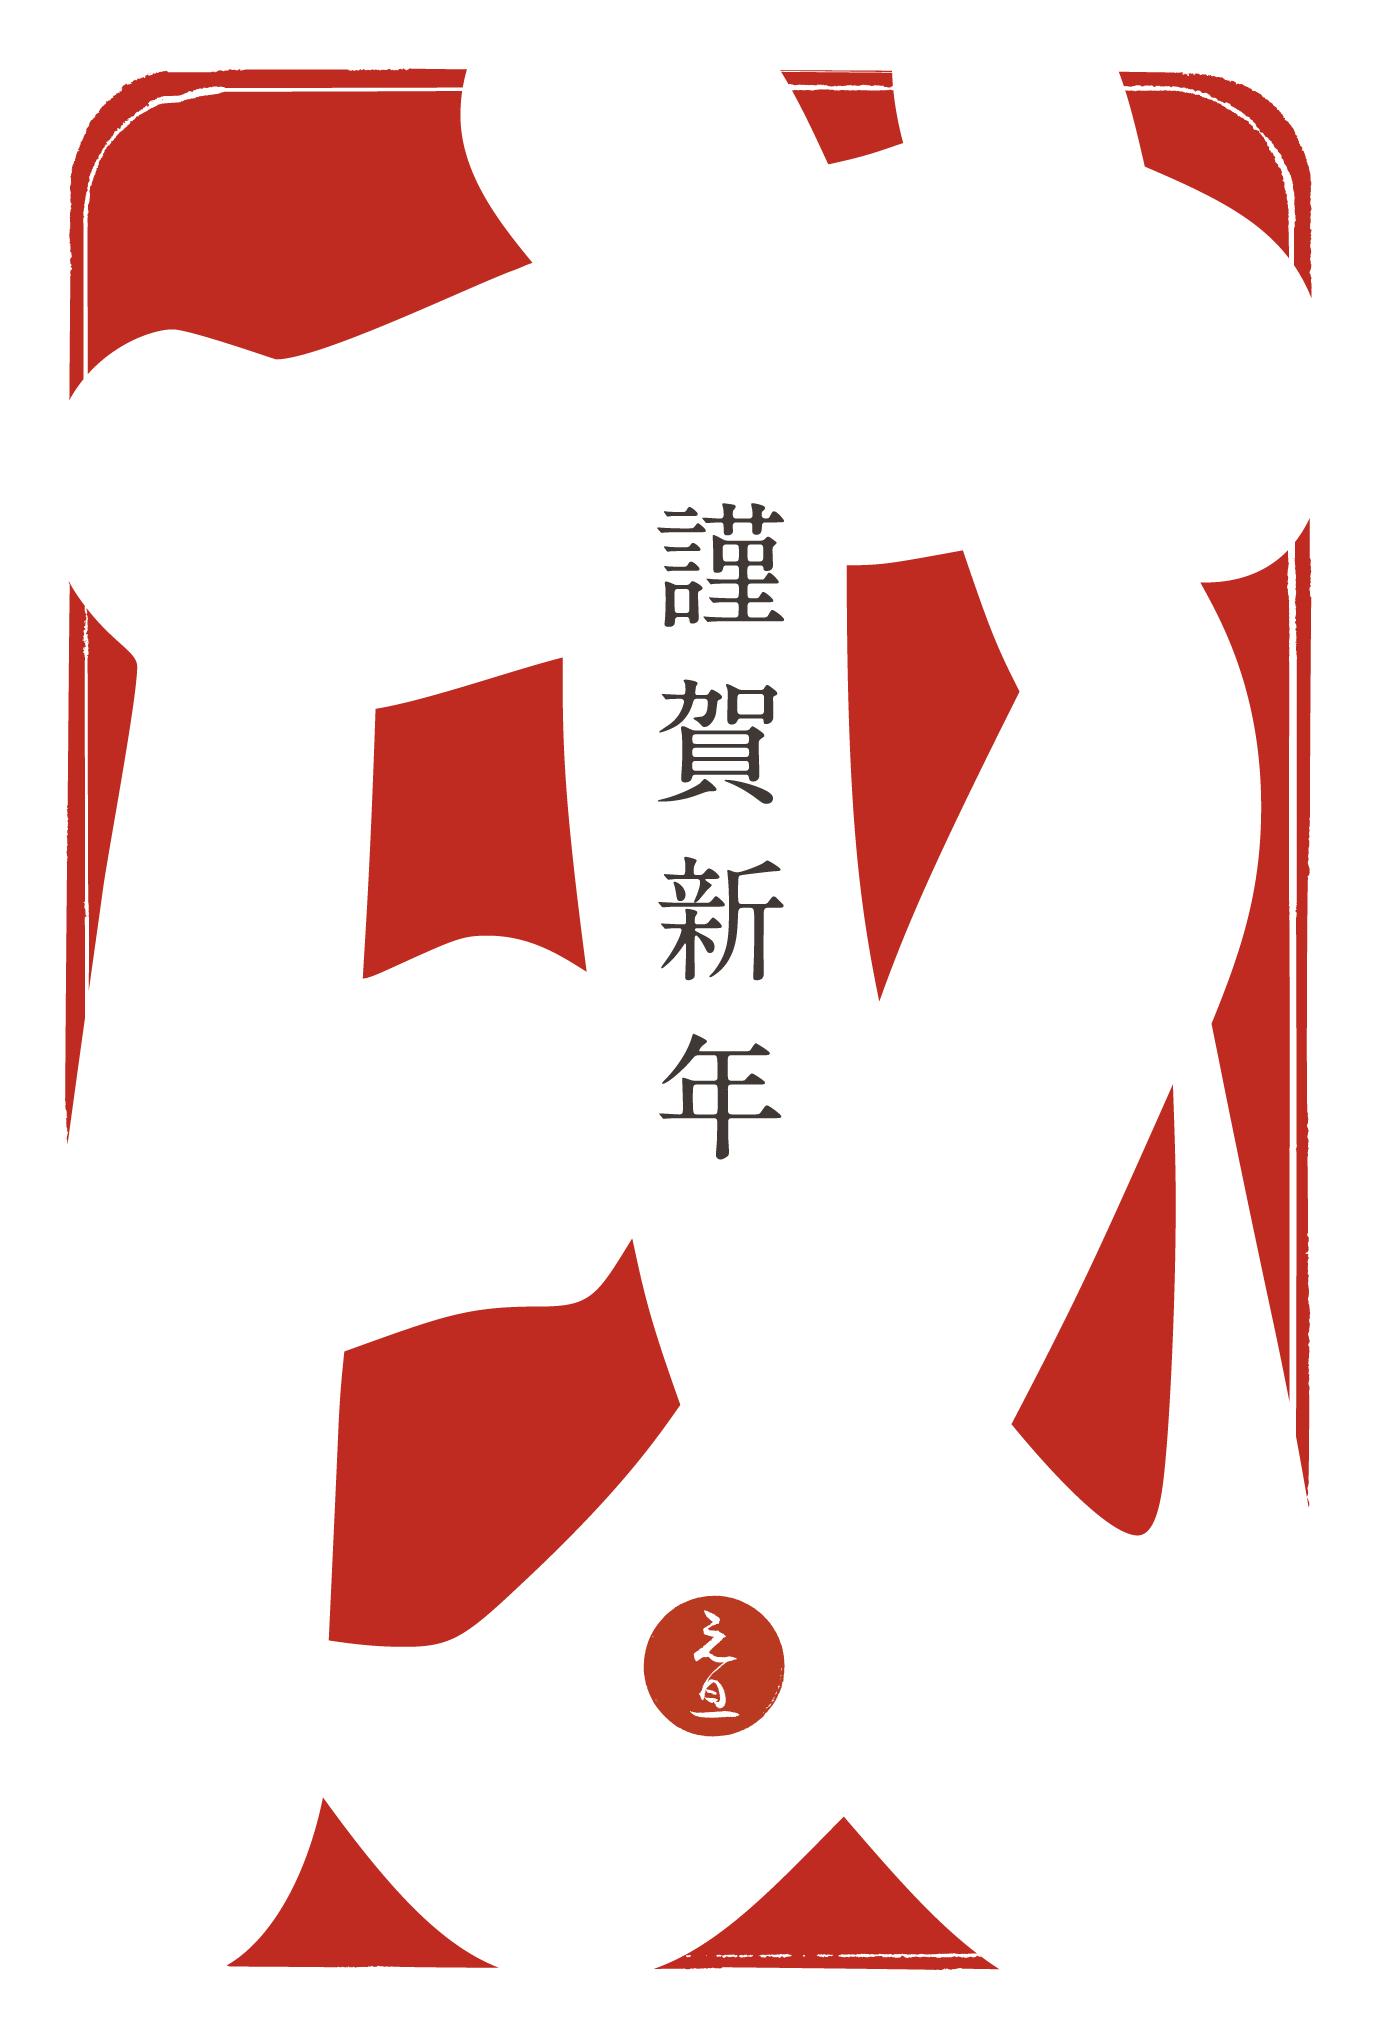 2018年賀状03-1:江戸勘亭流(戌)赤のダウンロード画像